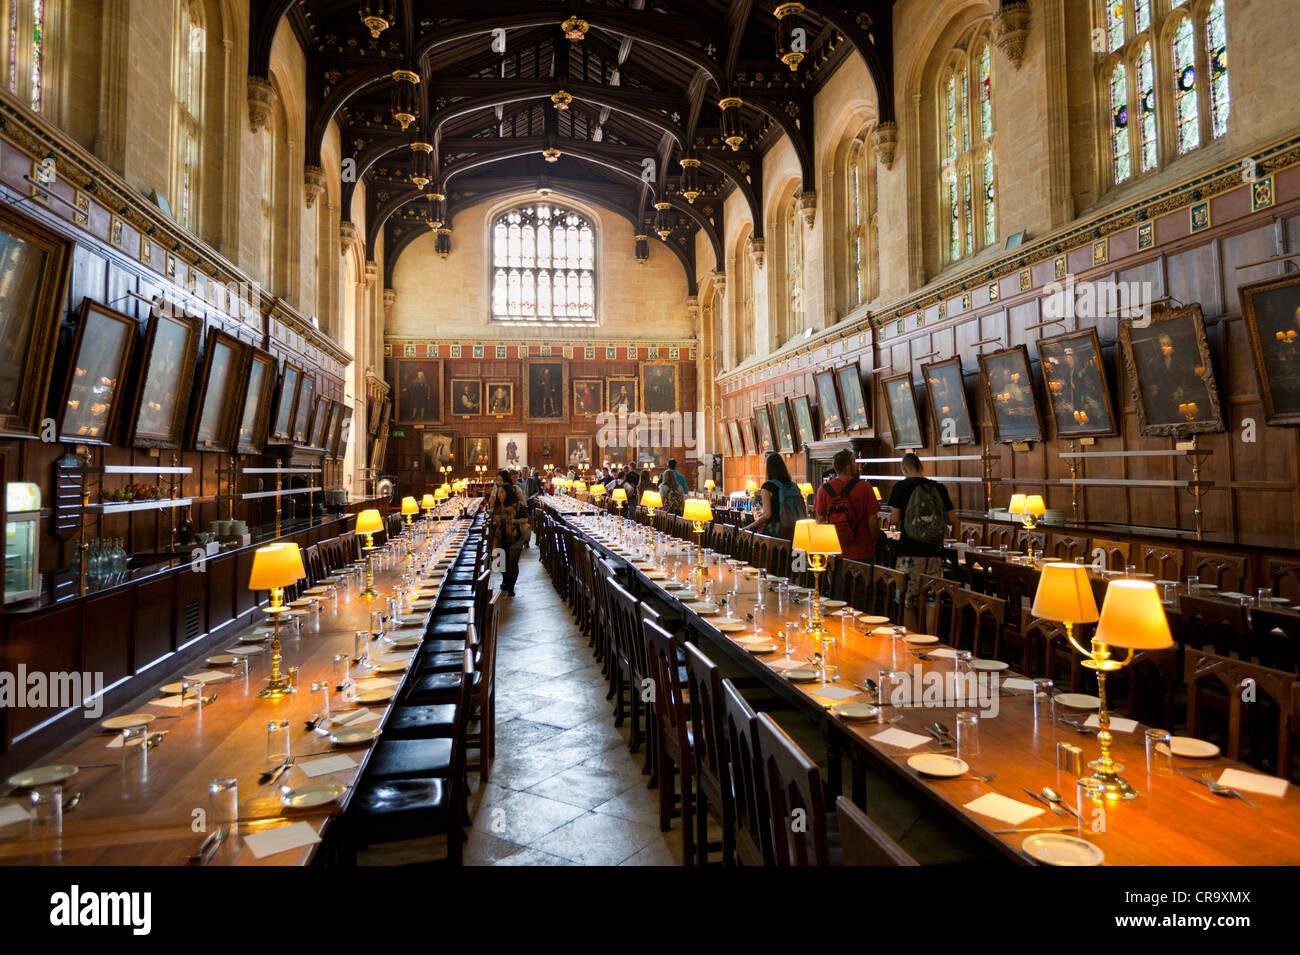 Christ Church College Sala Grande sala da pranzo dell'Università di Oxford Oxfordshire England Regno Unito Immagini Stock